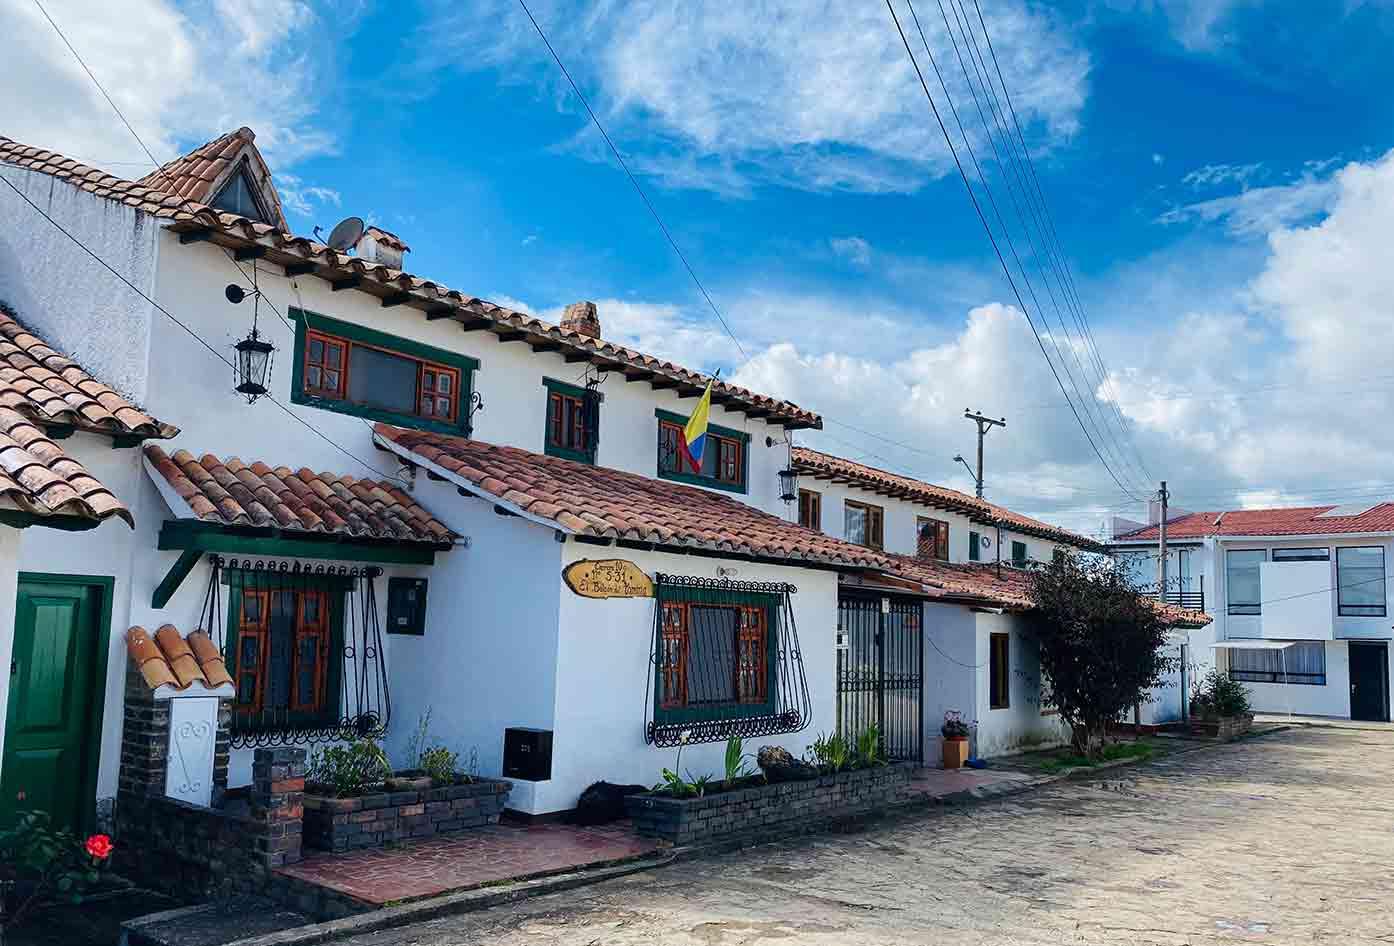 guatavita colombia village